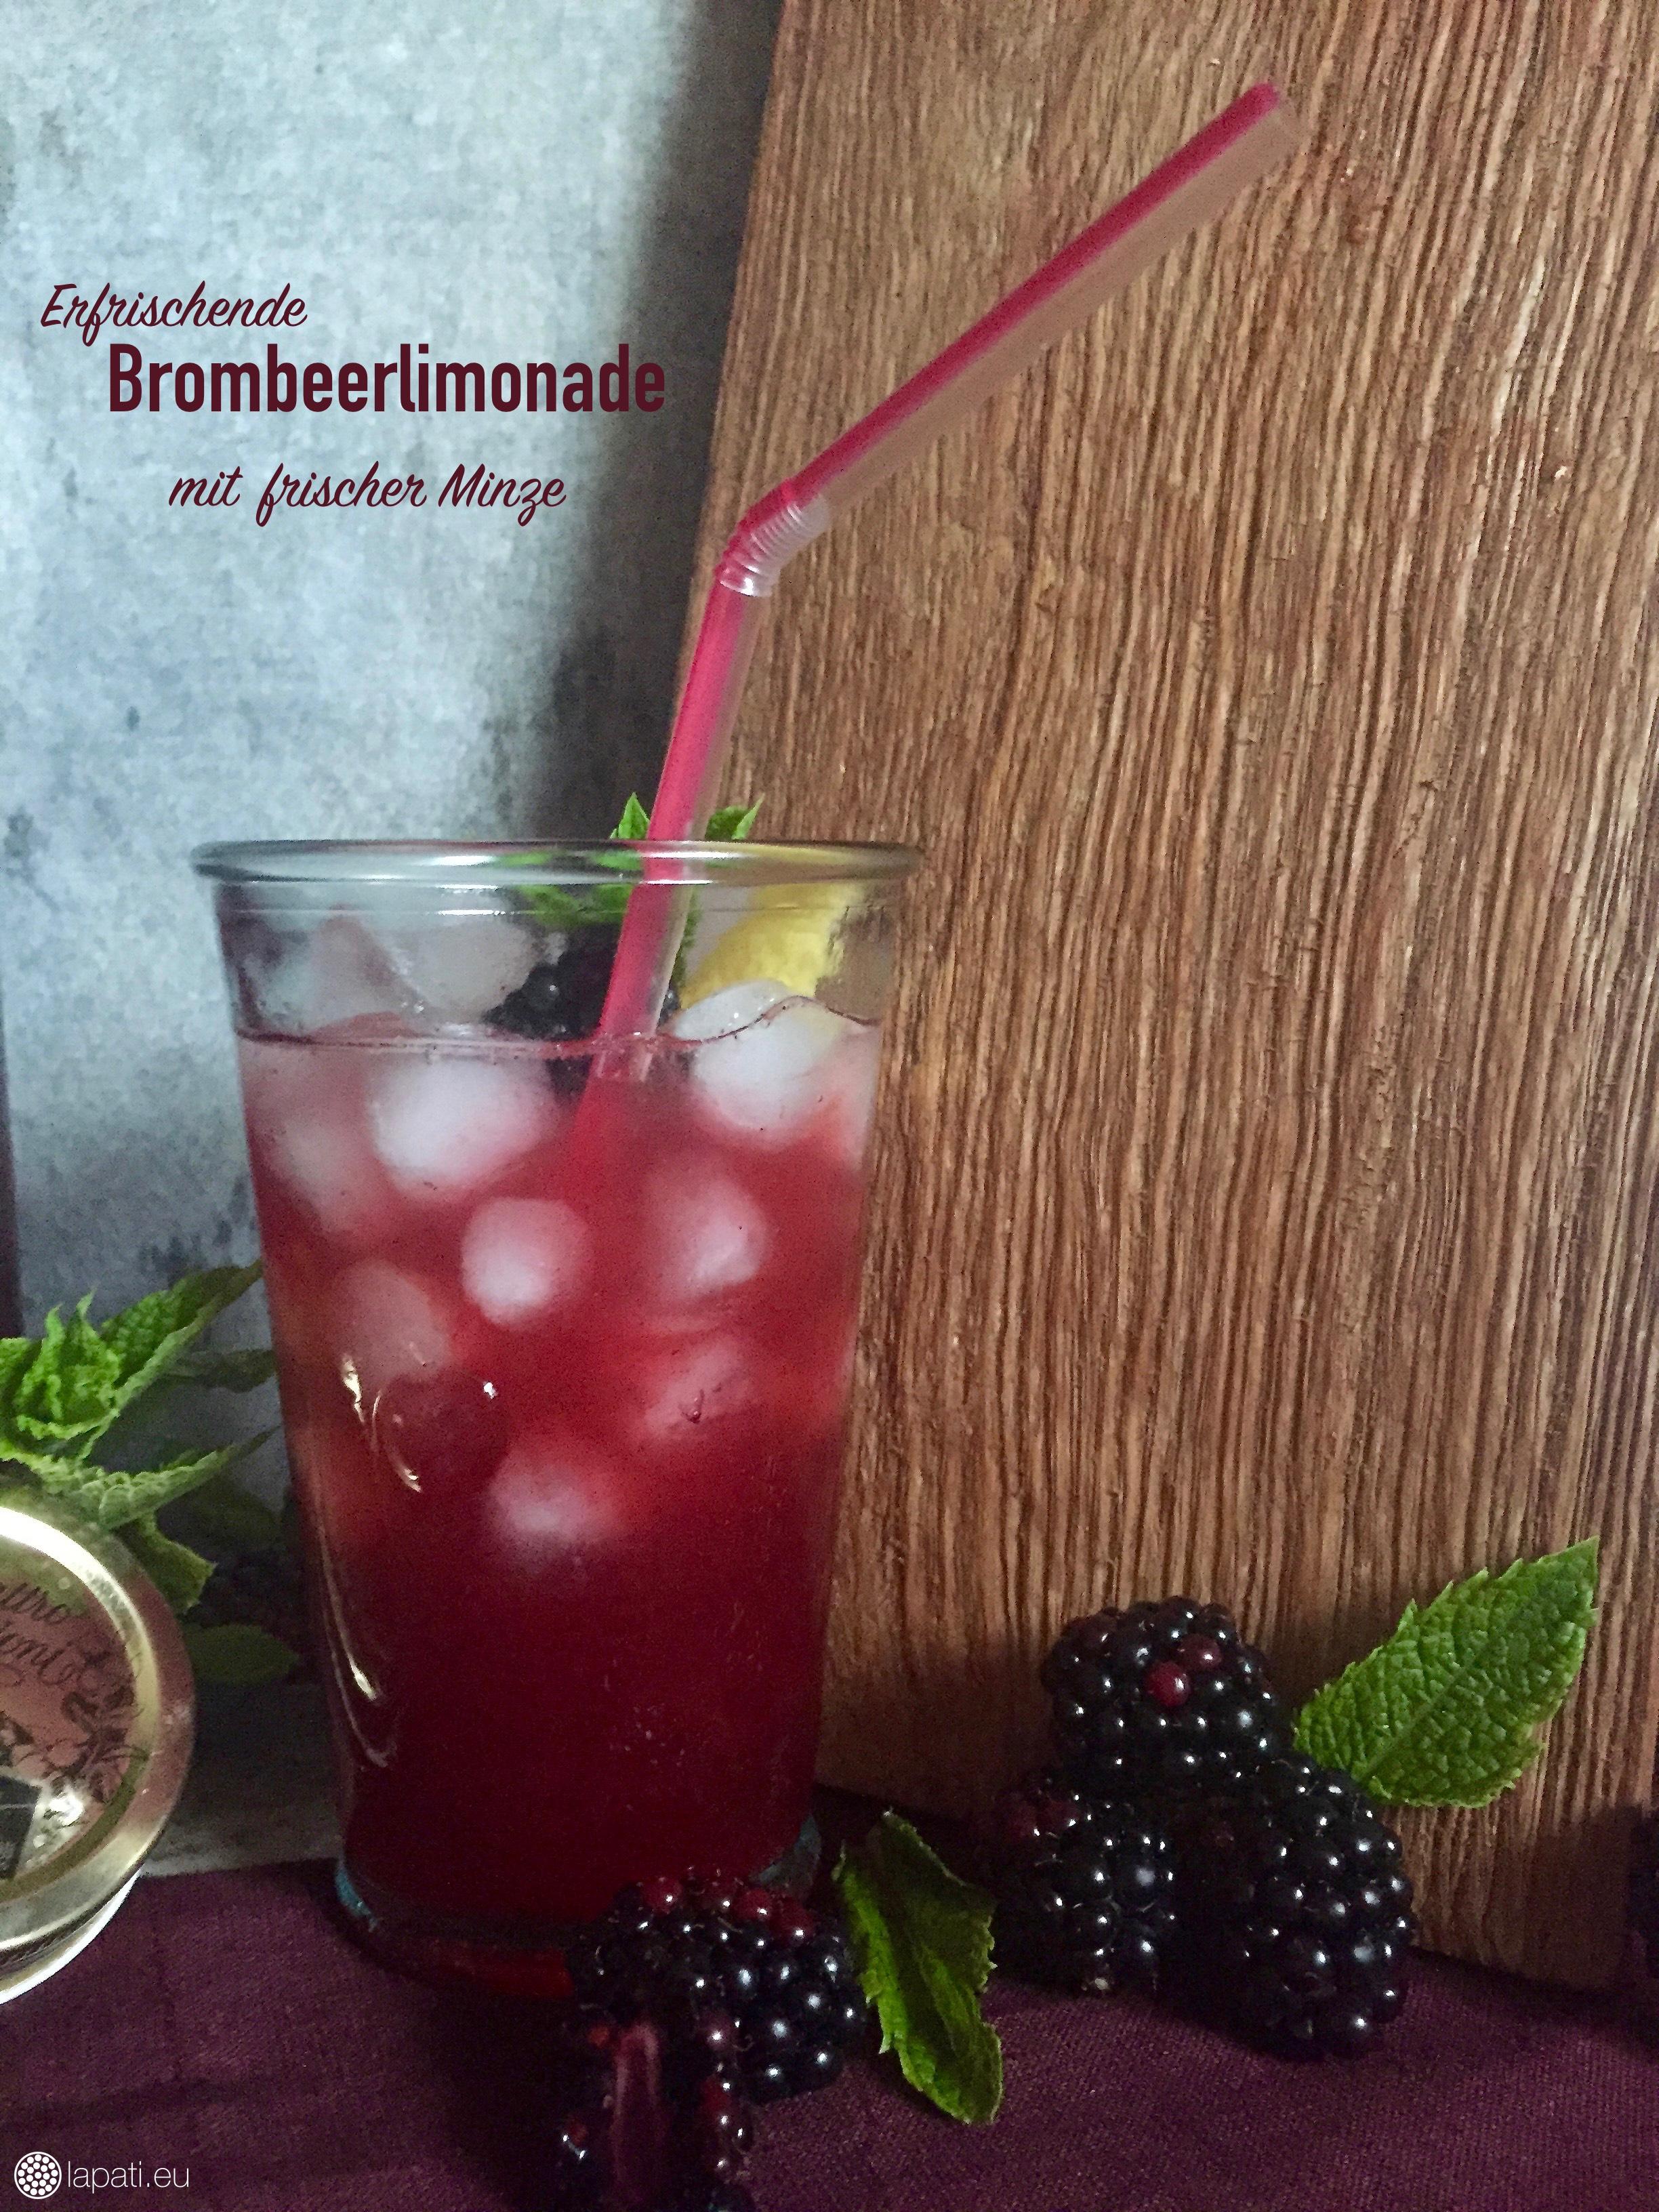 Sommerzeit ist Limozeit: Die beste Brombeerlimonade mit frischer Minze findet ihr im heutigen Rezept.